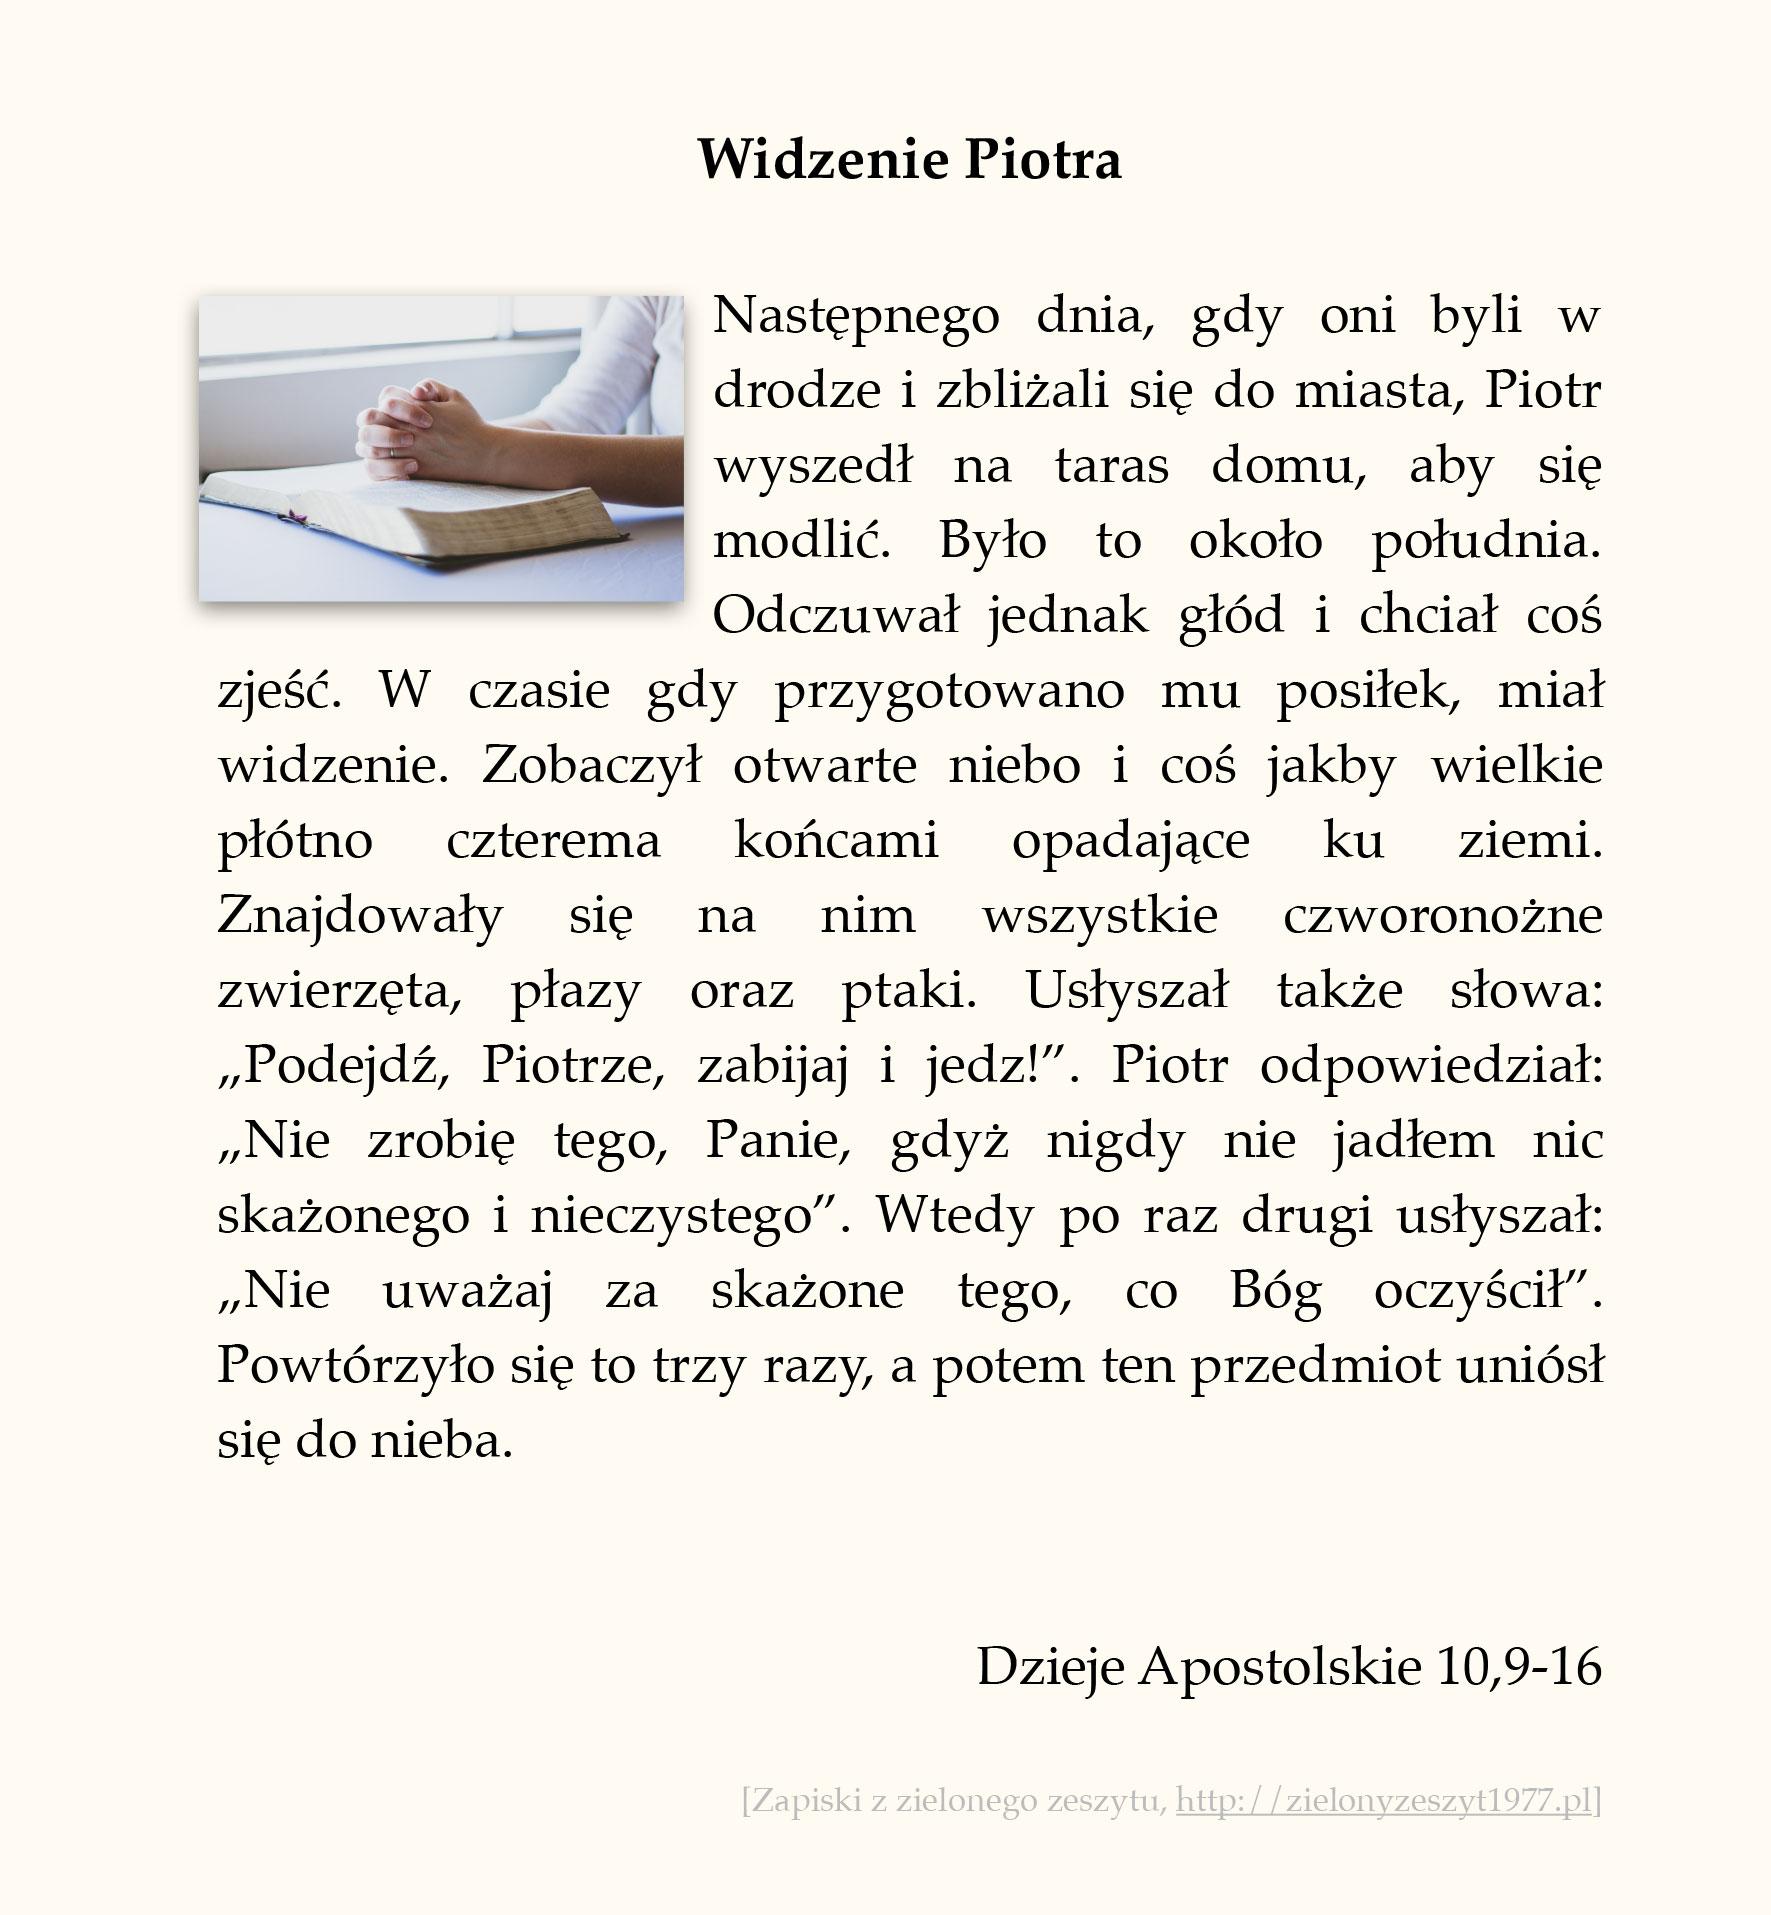 Widzenie Piotra; Dzieje Apostolskie (#46)